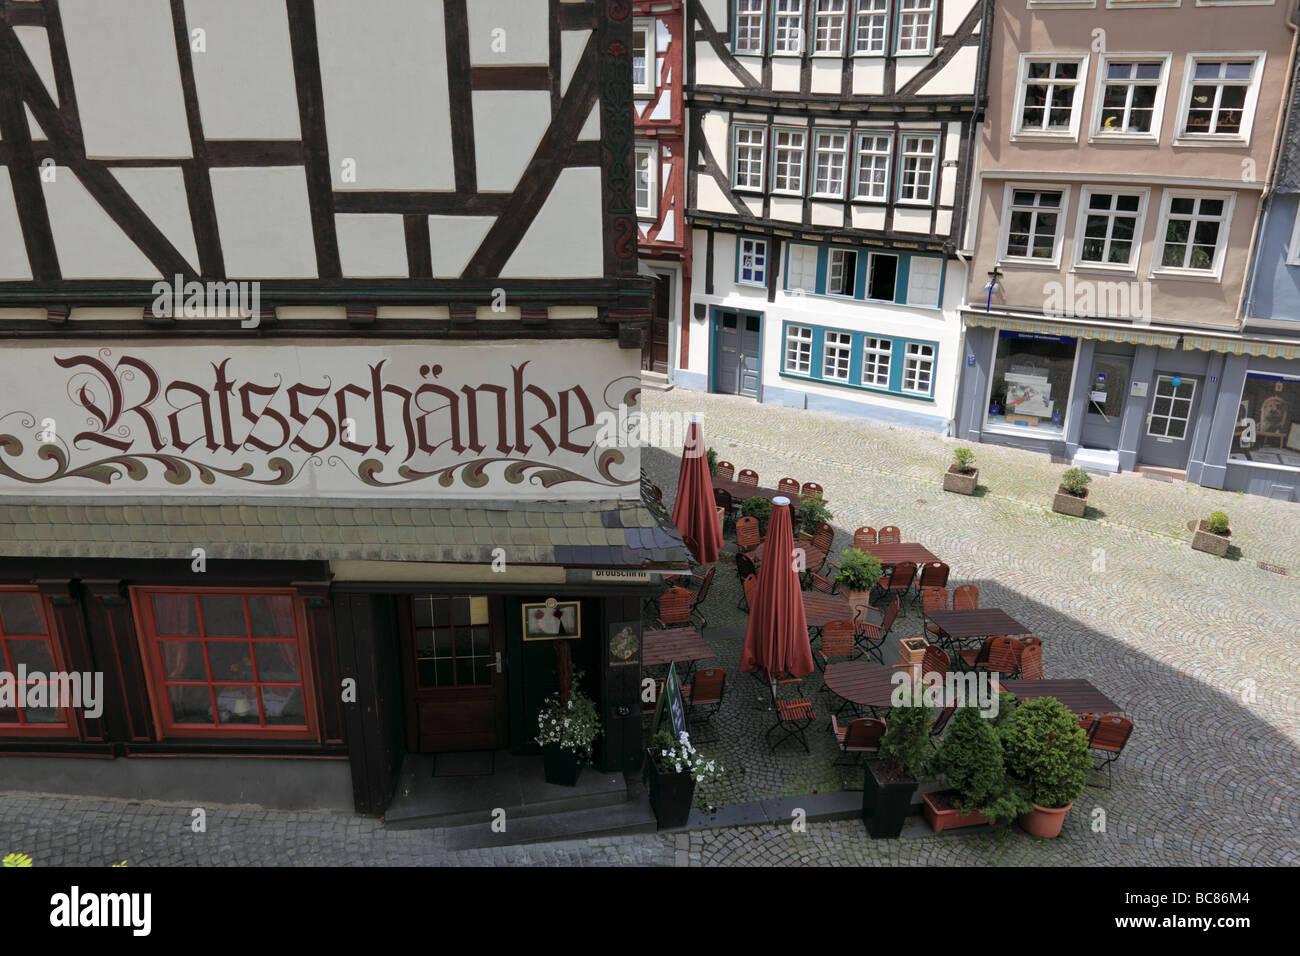 Wetzlar s historische Altstadt Deutschland Stockfoto, Bild: 24767124 ...